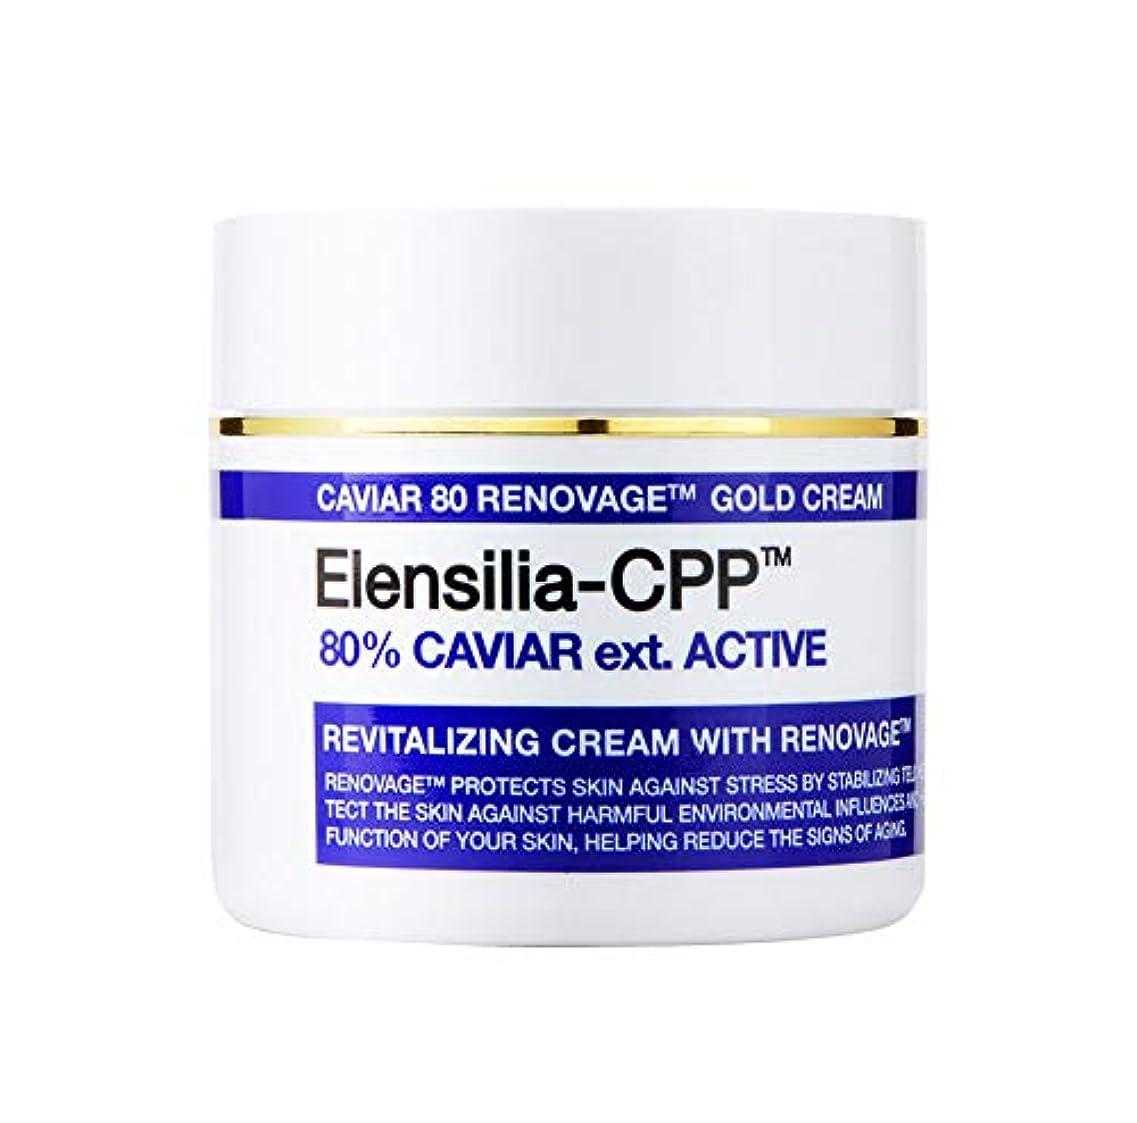 環境保護主義者緊張備品エルレンシルラElensilia 韓国コスメ キャビア80ゴールドクリーム50g 海外直送品 CPP Caviar 80 Renovage Gold Cream [並行輸入品]